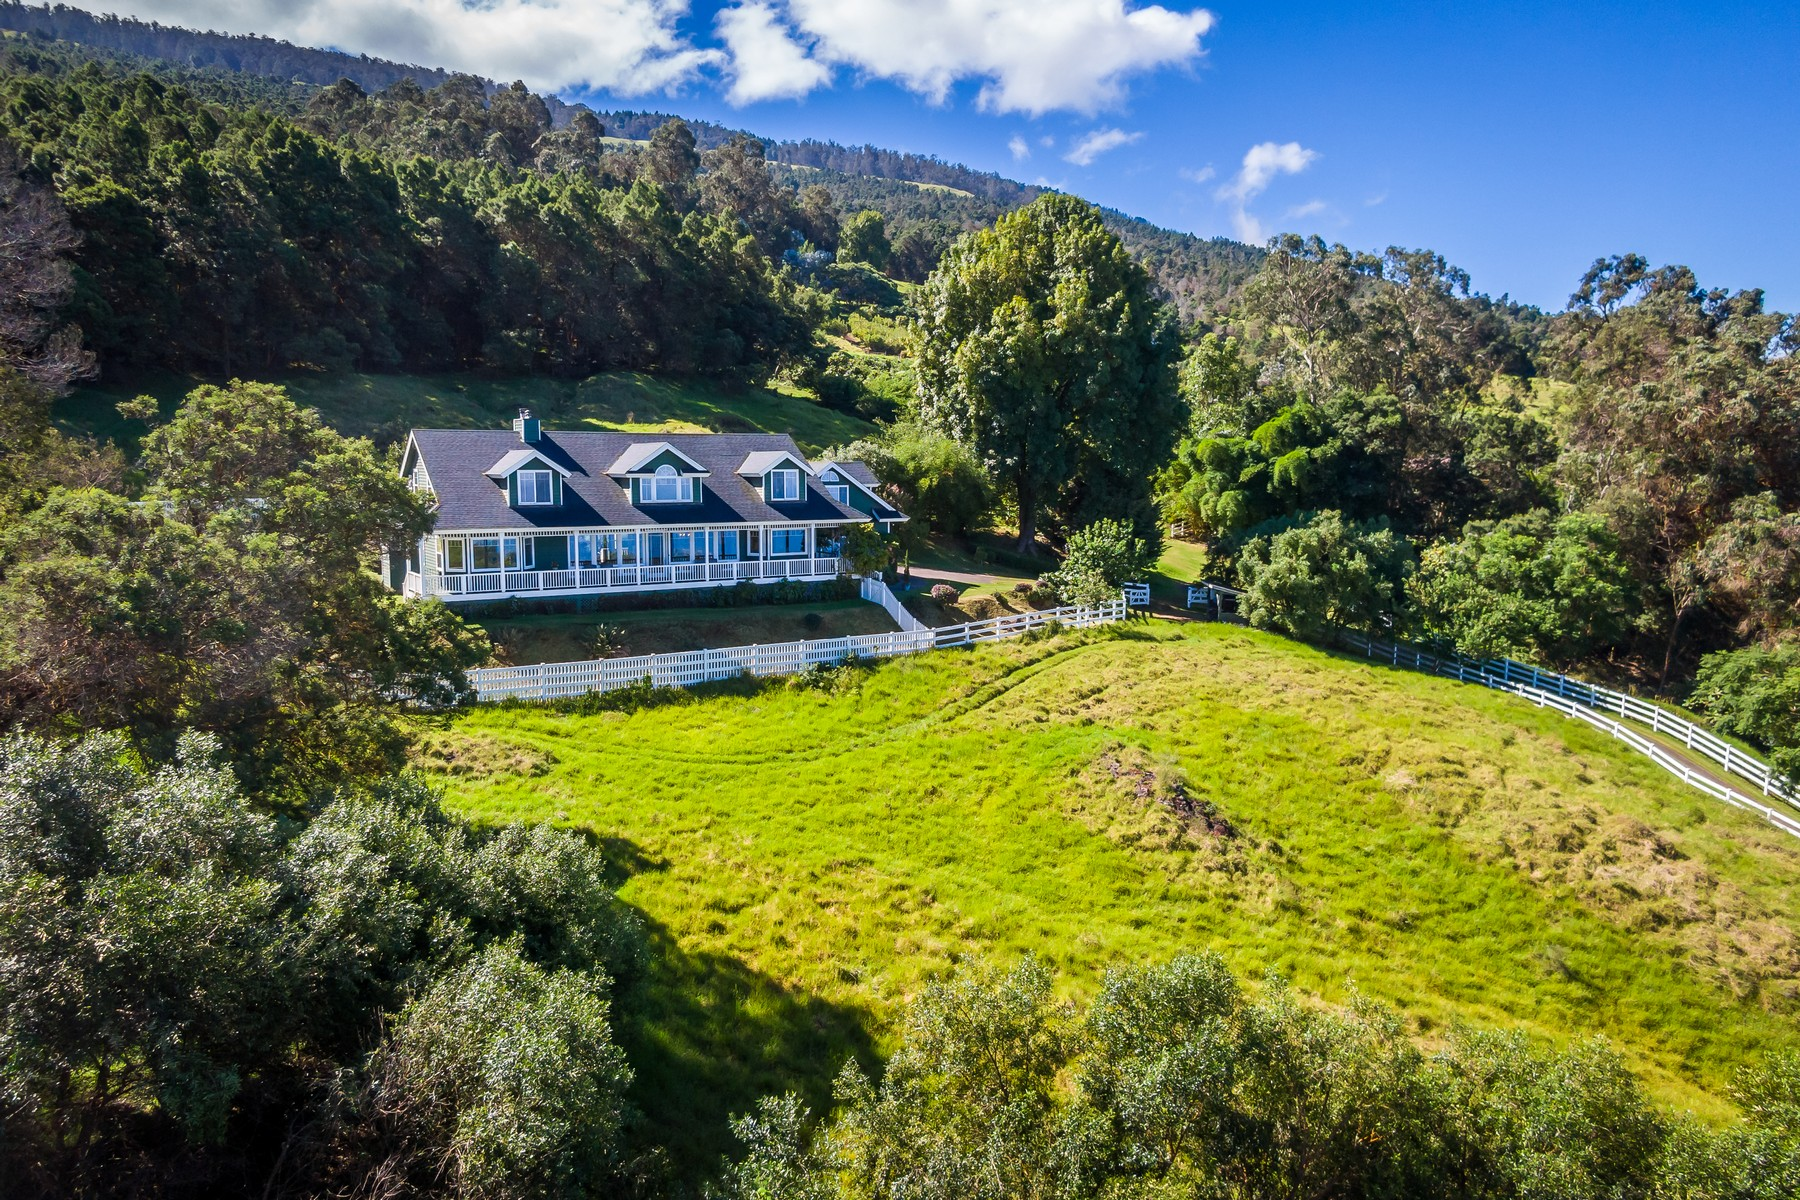 一戸建て のために 売買 アット Secluded & Serene, Large Custom Kula Home with Bi-Coastal Views 1511 Polipoli Road Kula, ハワイ 96790 アメリカ合衆国